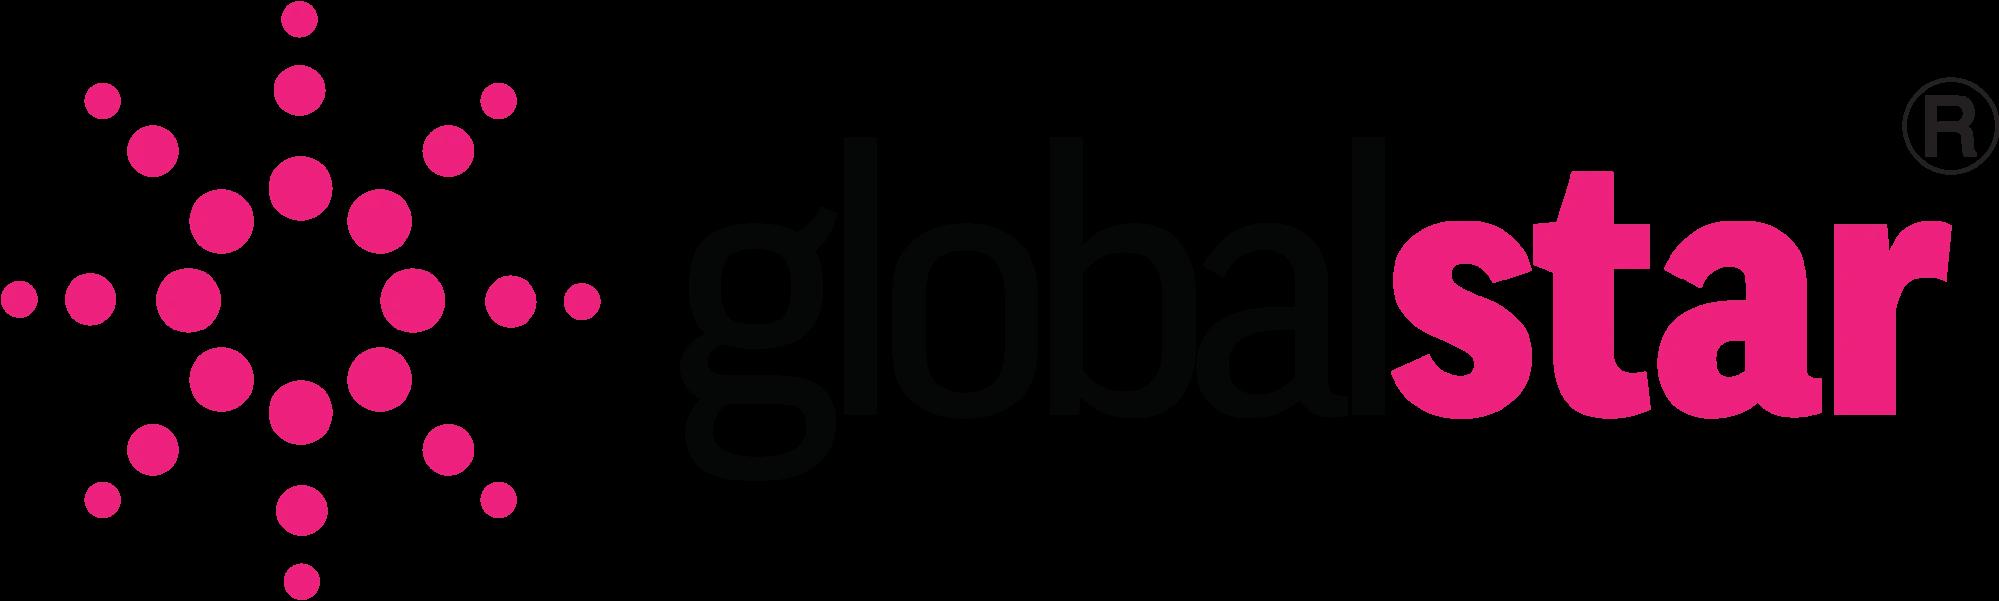 Globalstarlogo- جلوبال ستار